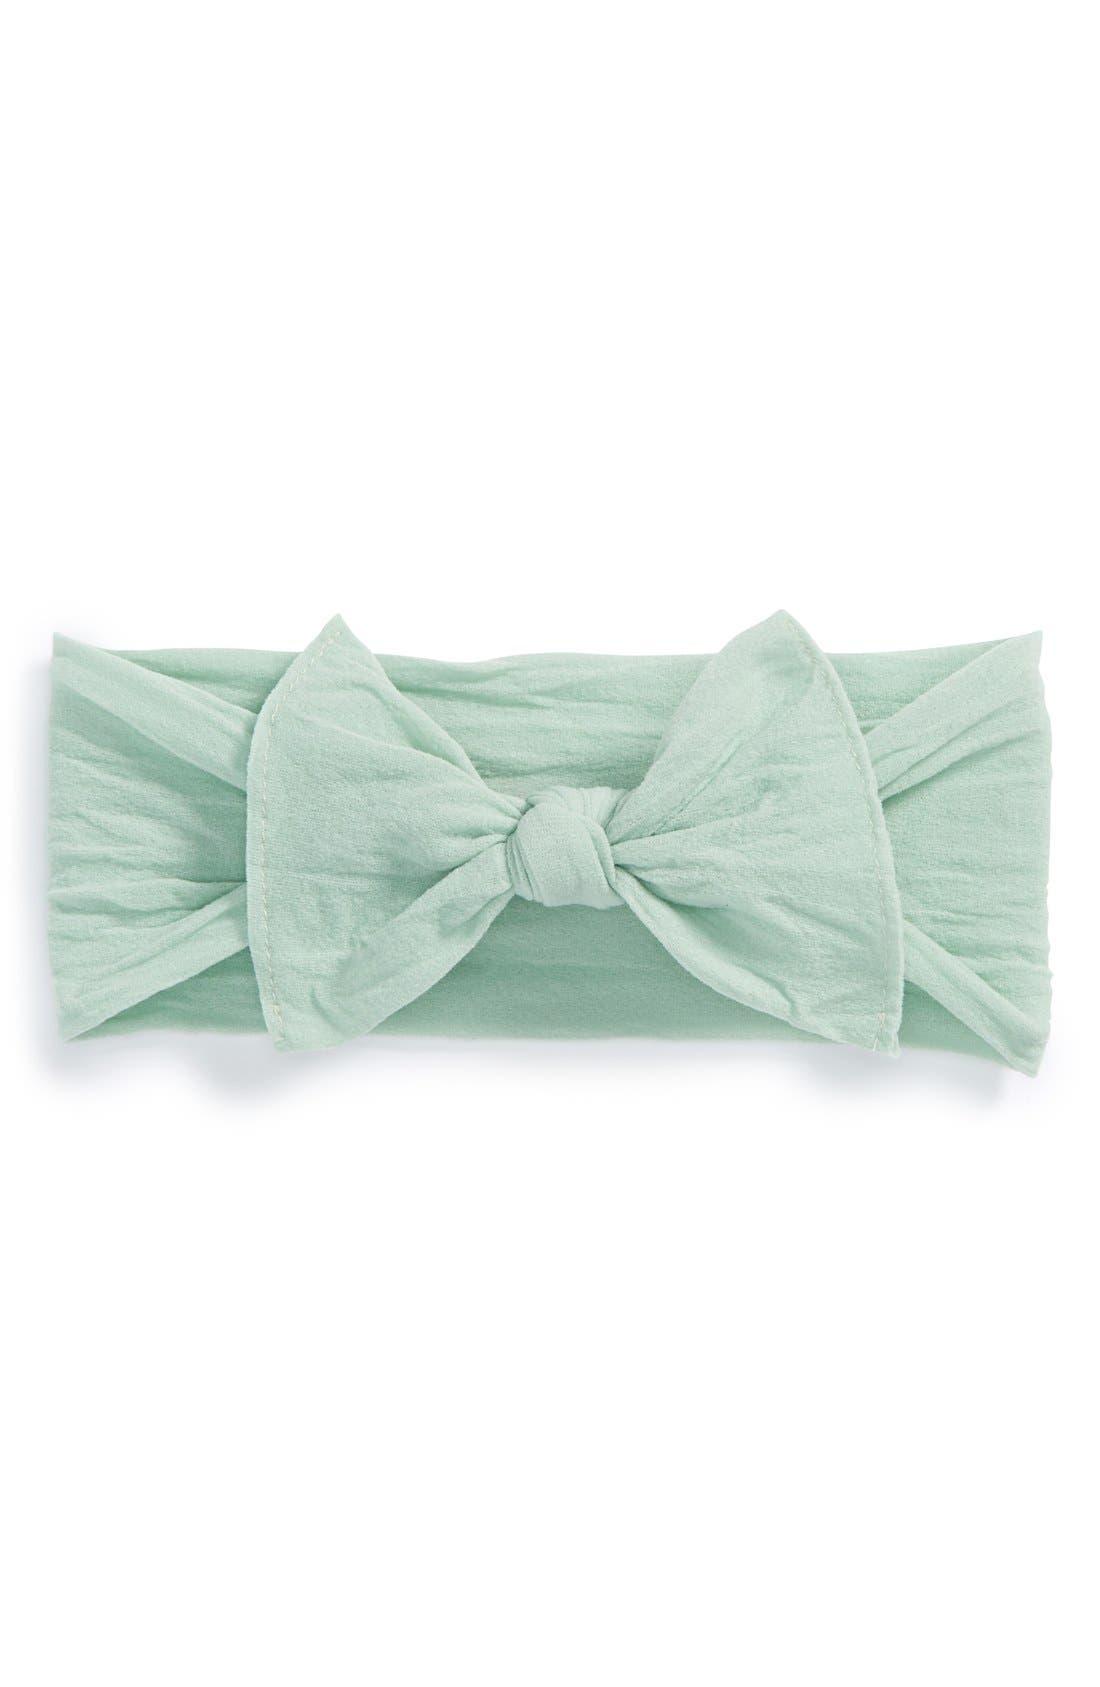 Main Image - Baby Bling Headband (Baby Girls)